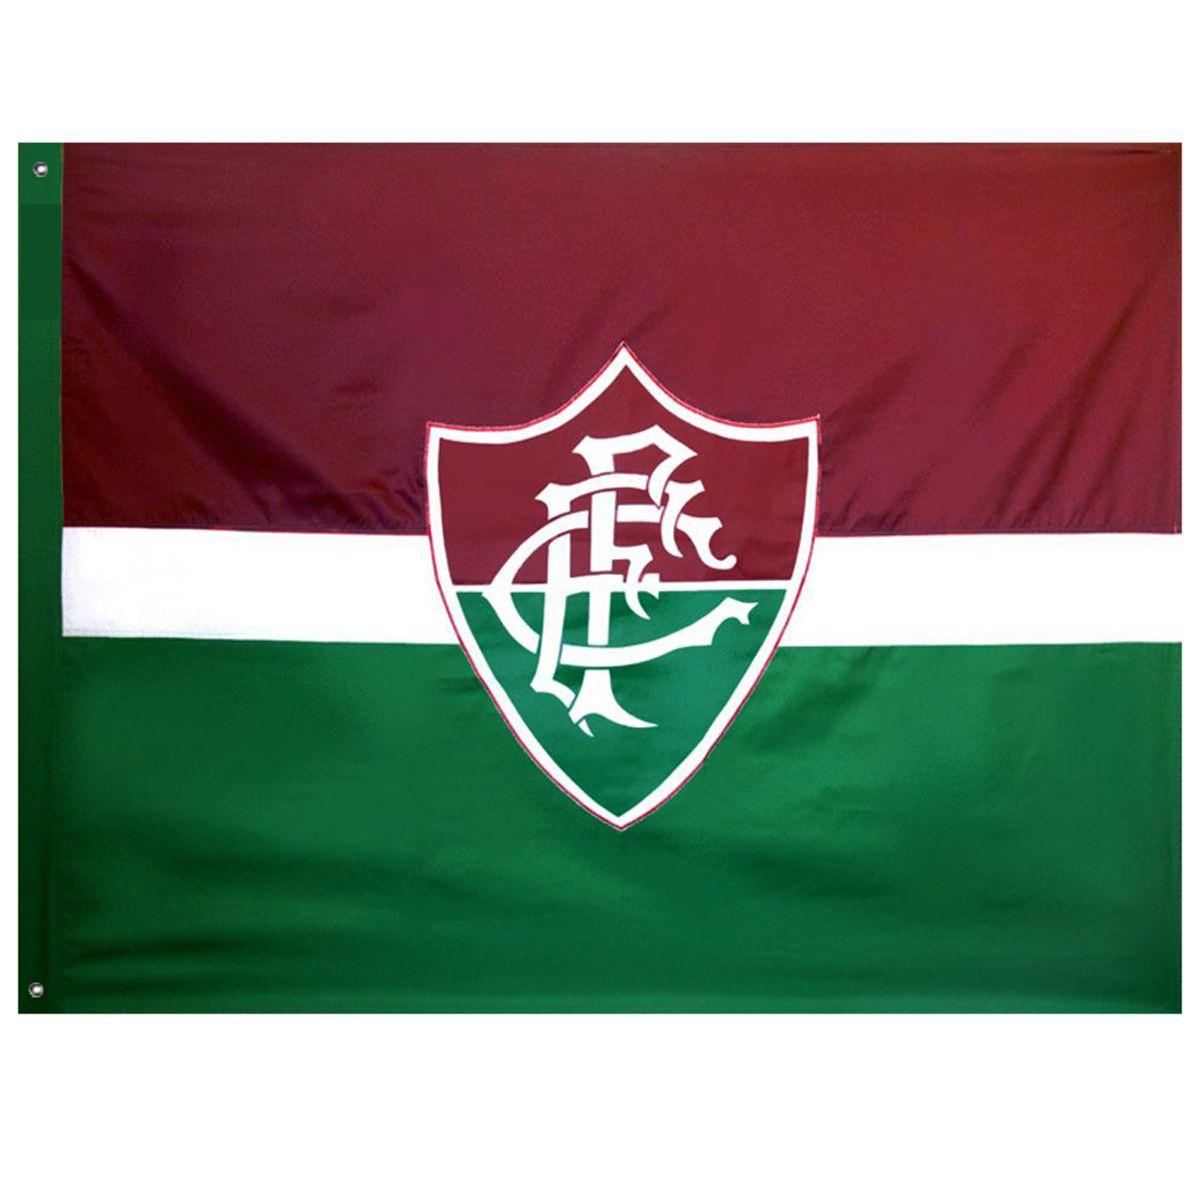 Bandeira Oficial do Fluminense 256 x 180 cm - 4 Panos